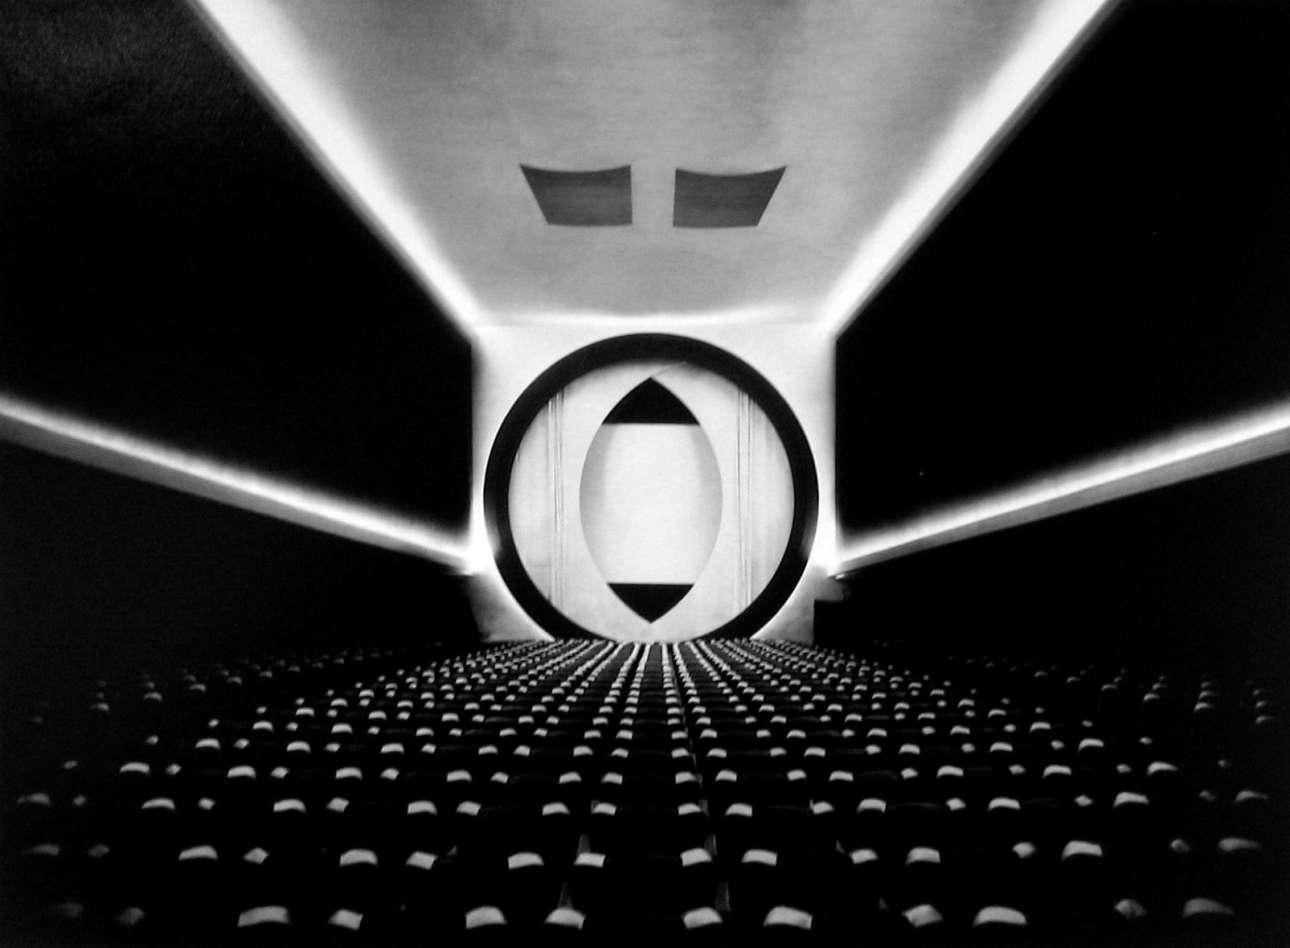 Φουτουριστική λήψη από κινηματογράφο της Νέας Υόρκης. «Η φωτογραφία είναι τέχνη όταν χρησιμοποιείται από καλλιτέχνες» σύμφωνα με την Ρουθ Μπέρναρντ